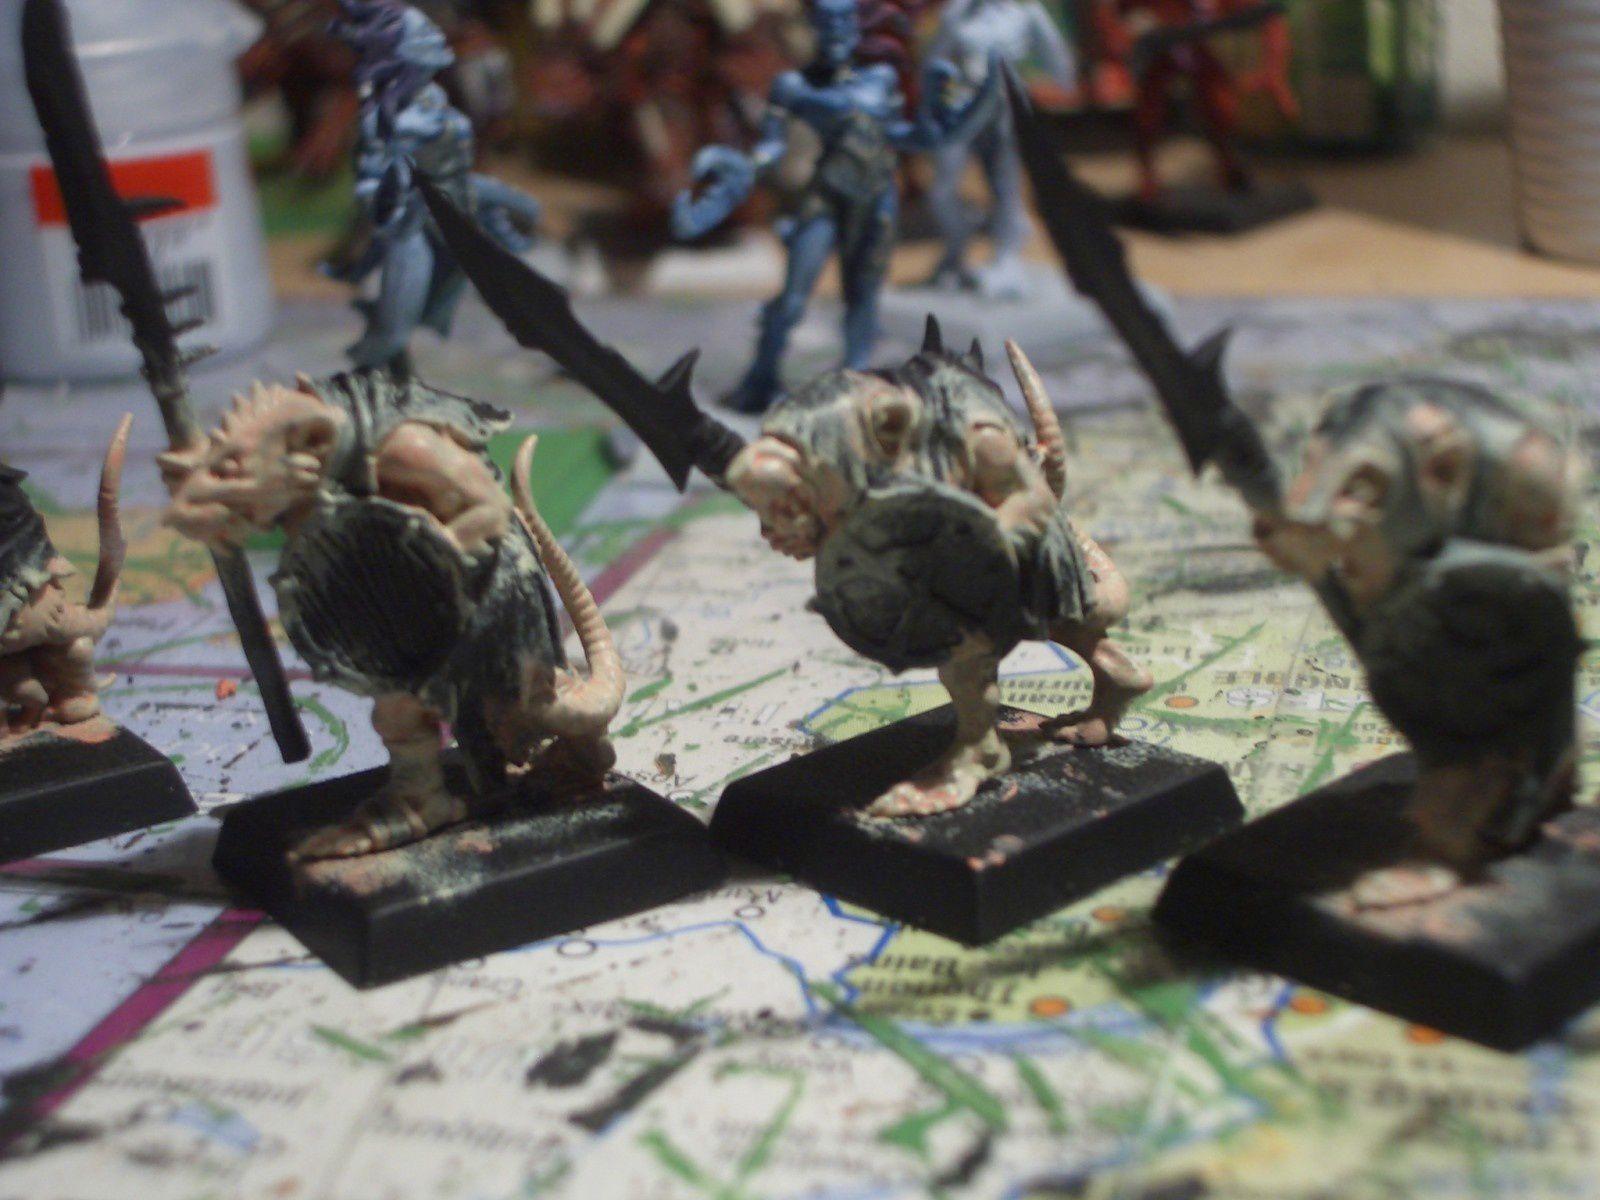 Les cours de peinture de M. CHAUCHOT : Rats, rats, rats !